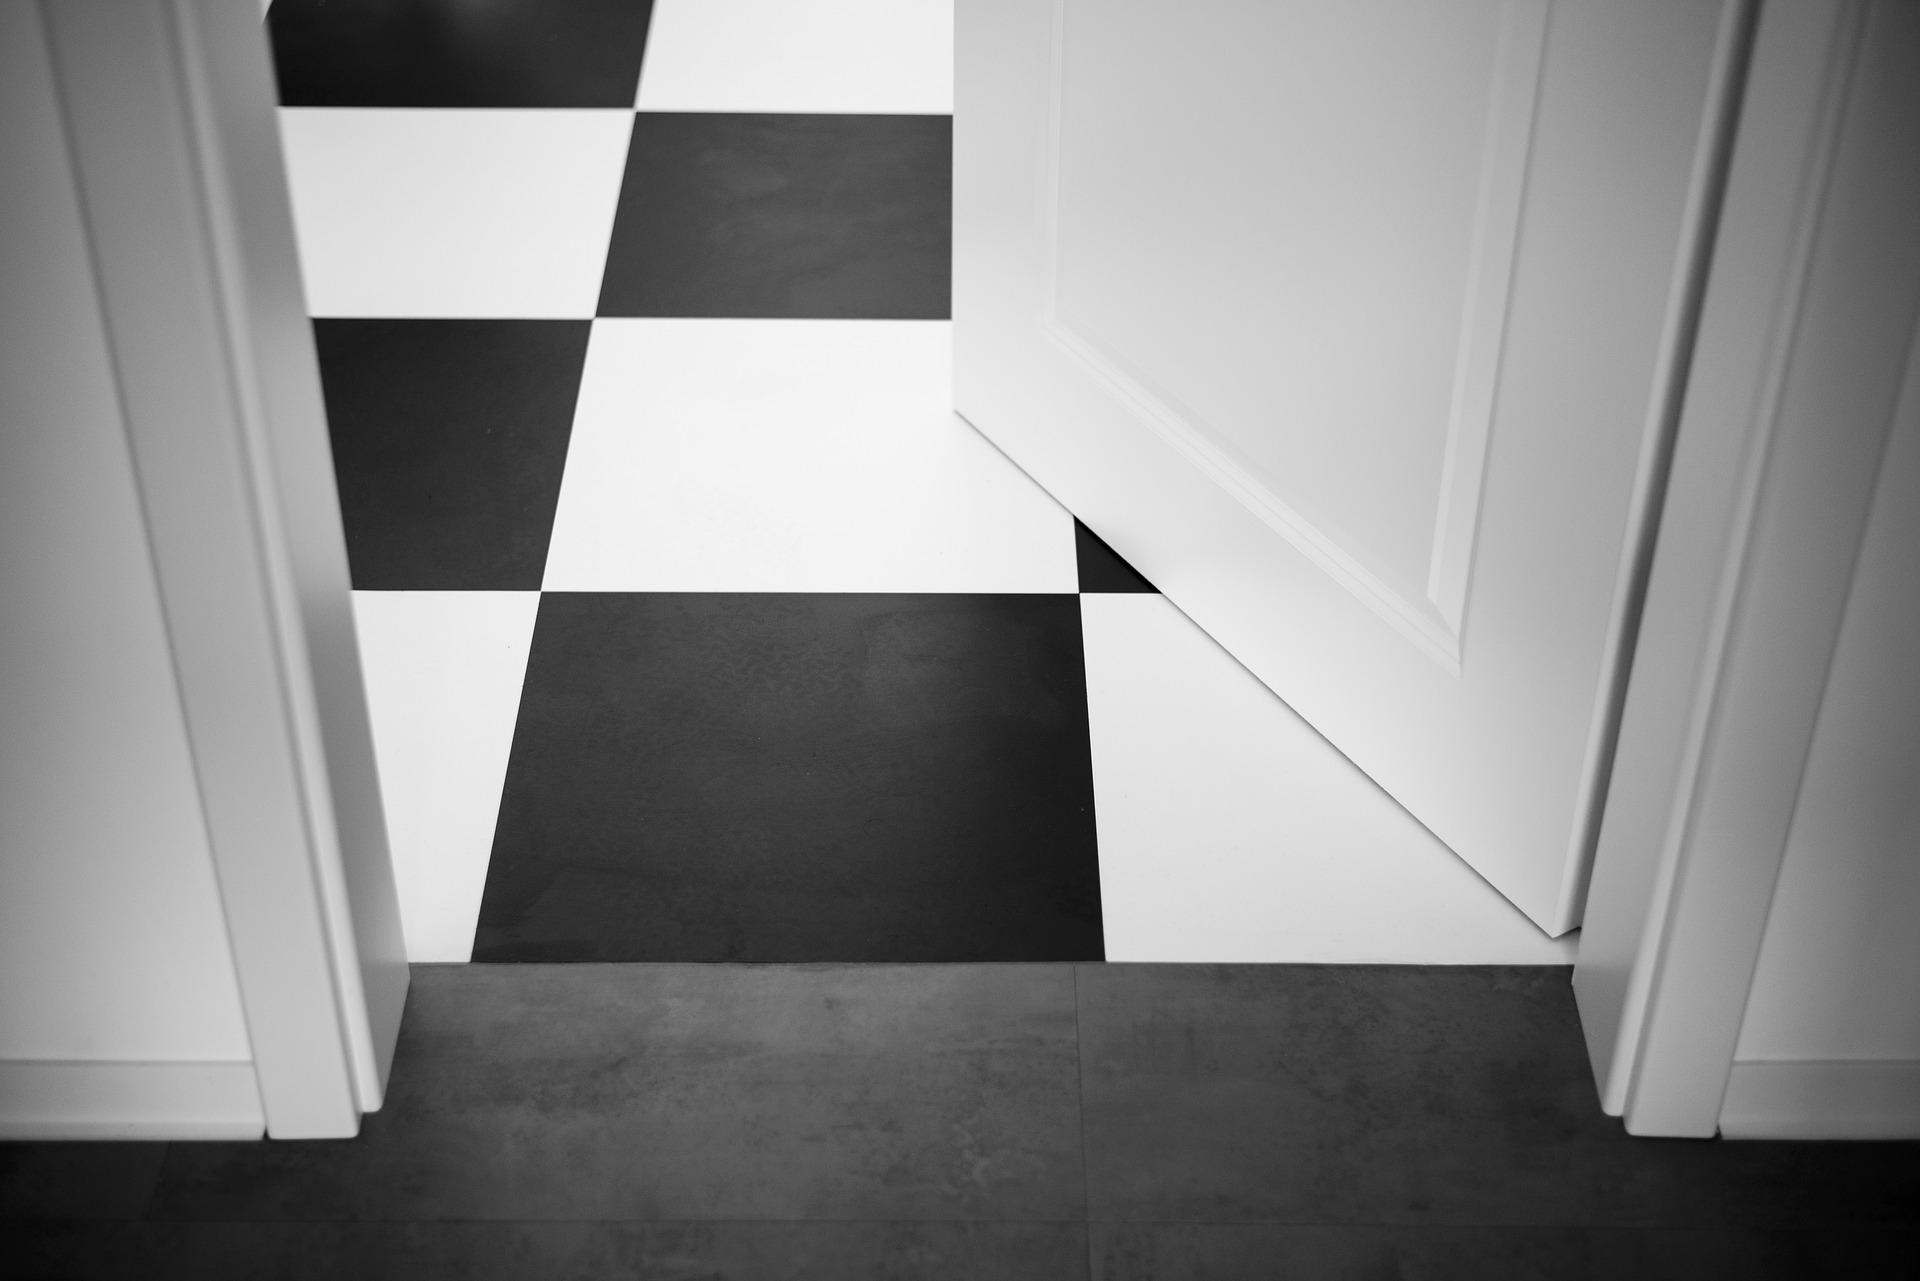 Offene Tür und Fußboden